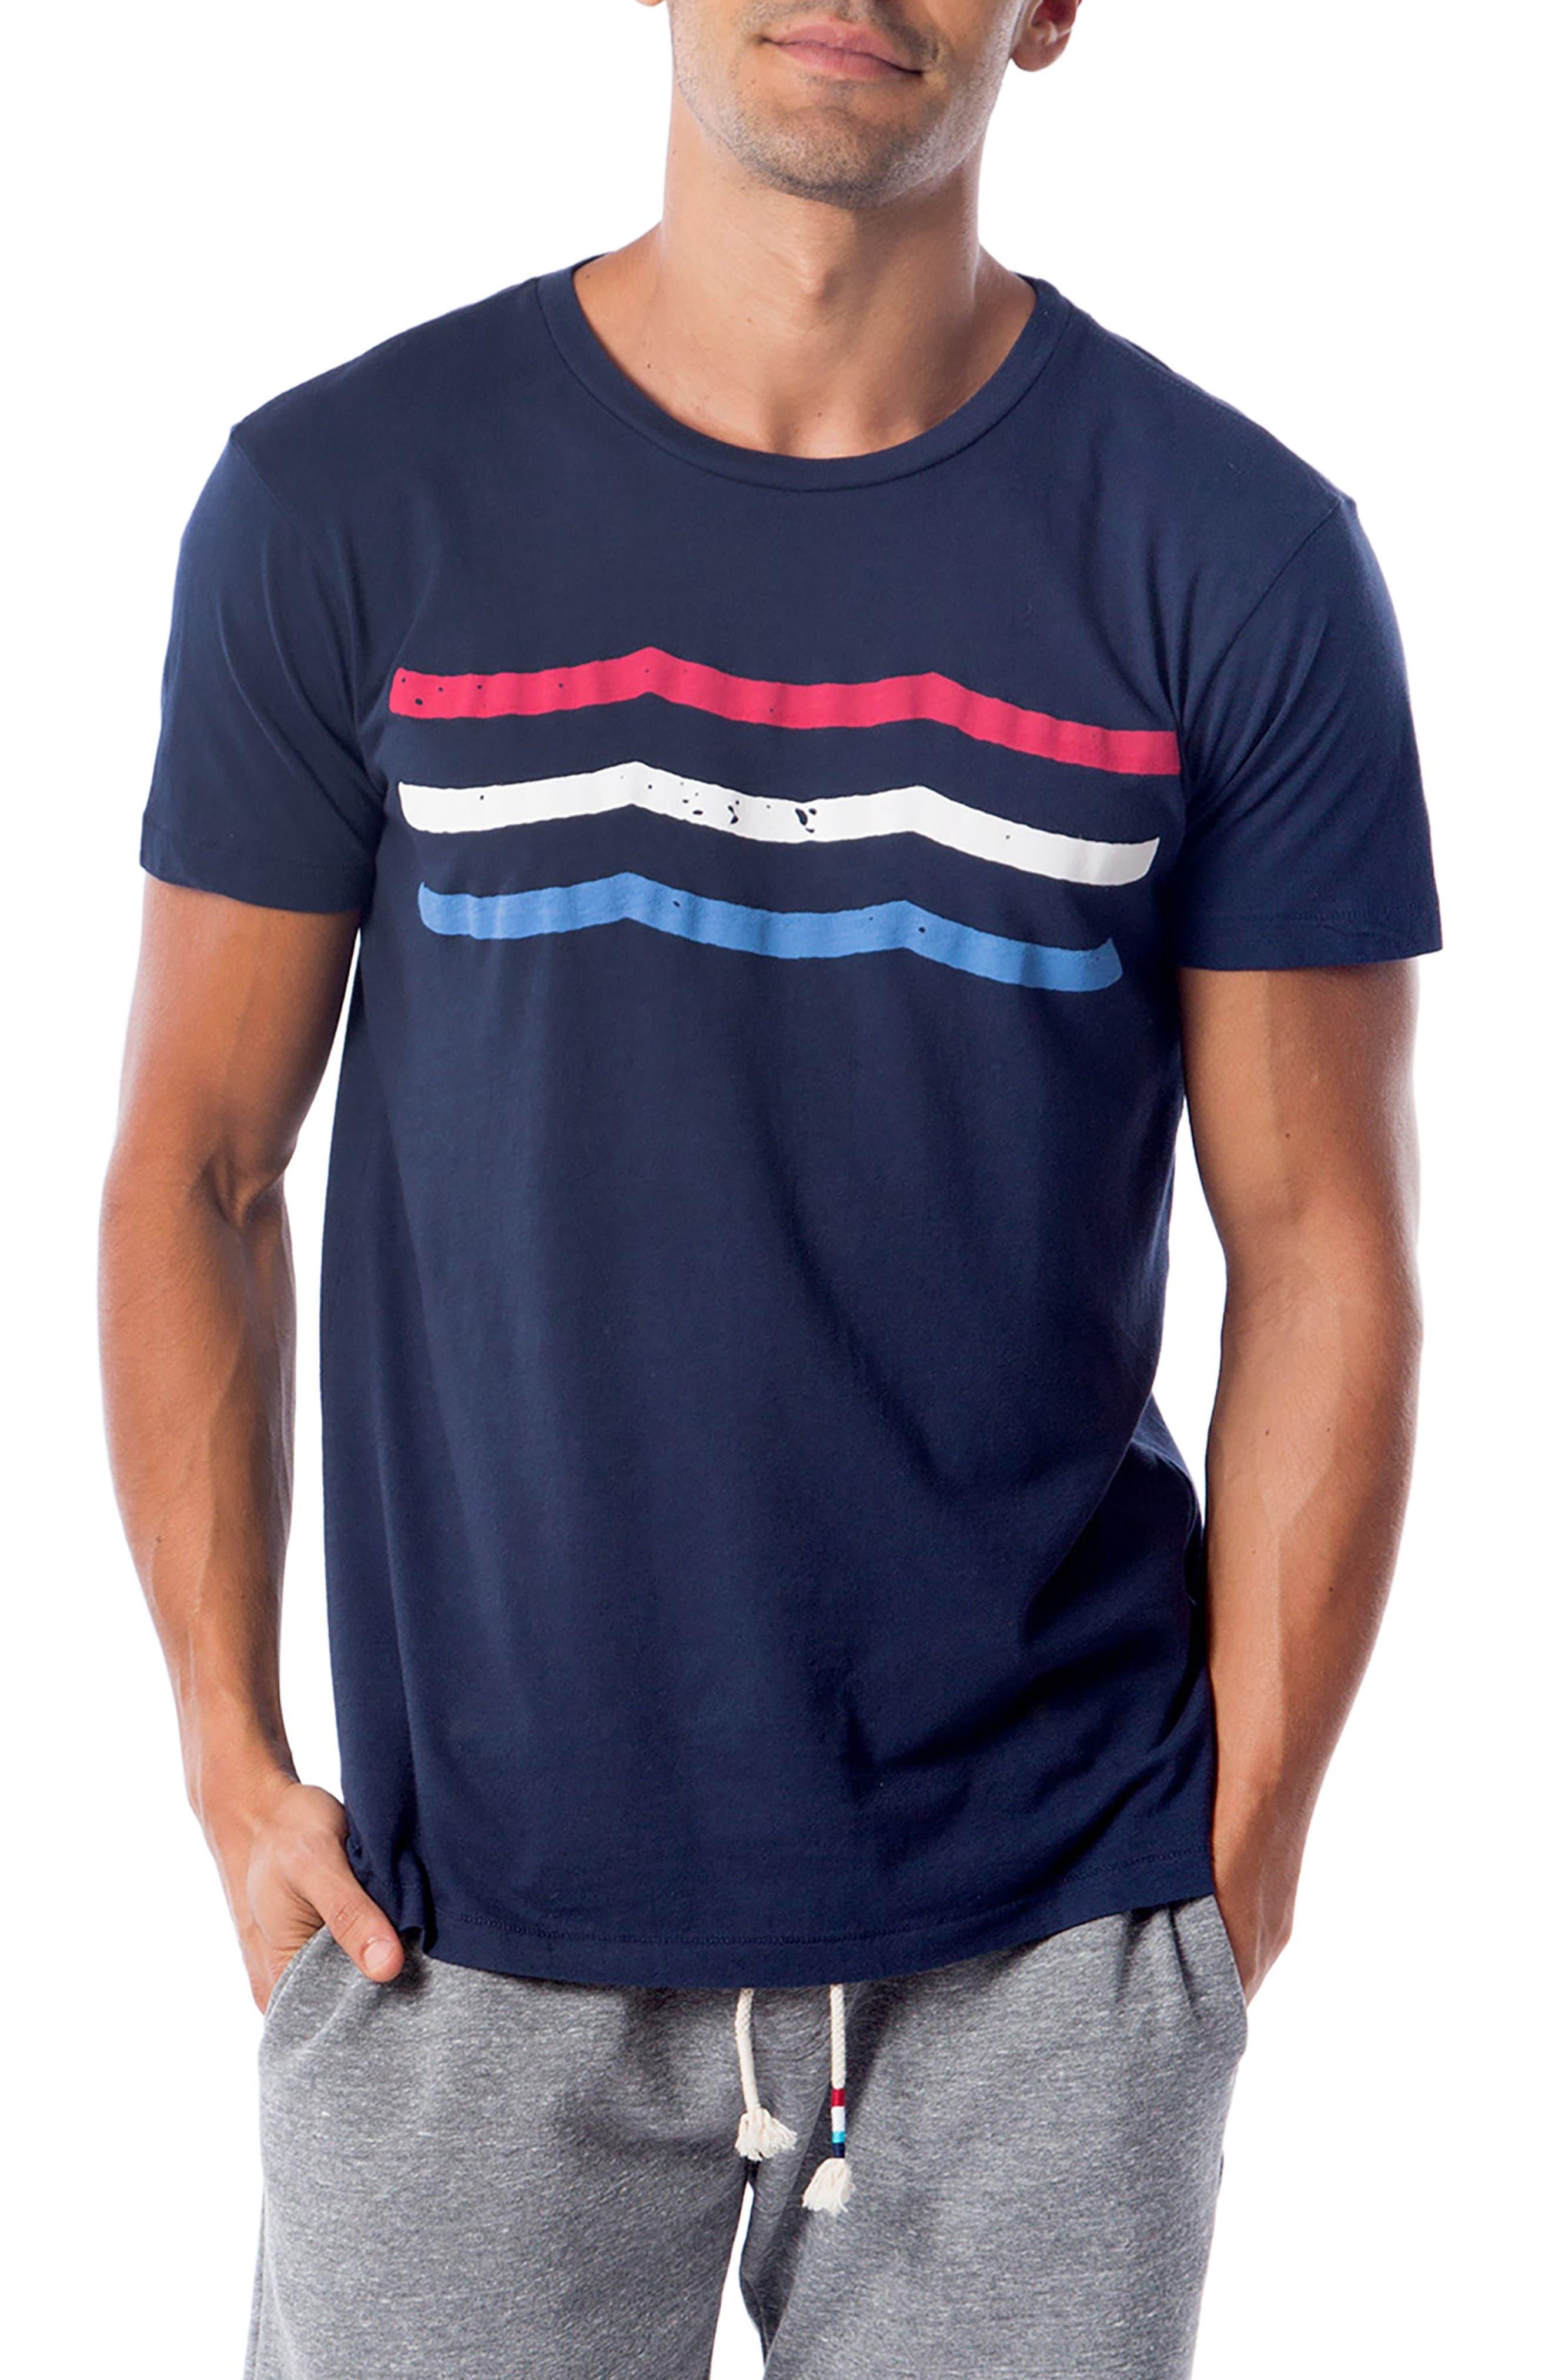 American Waves T-Shirt,                             Main thumbnail 1, color,                             401